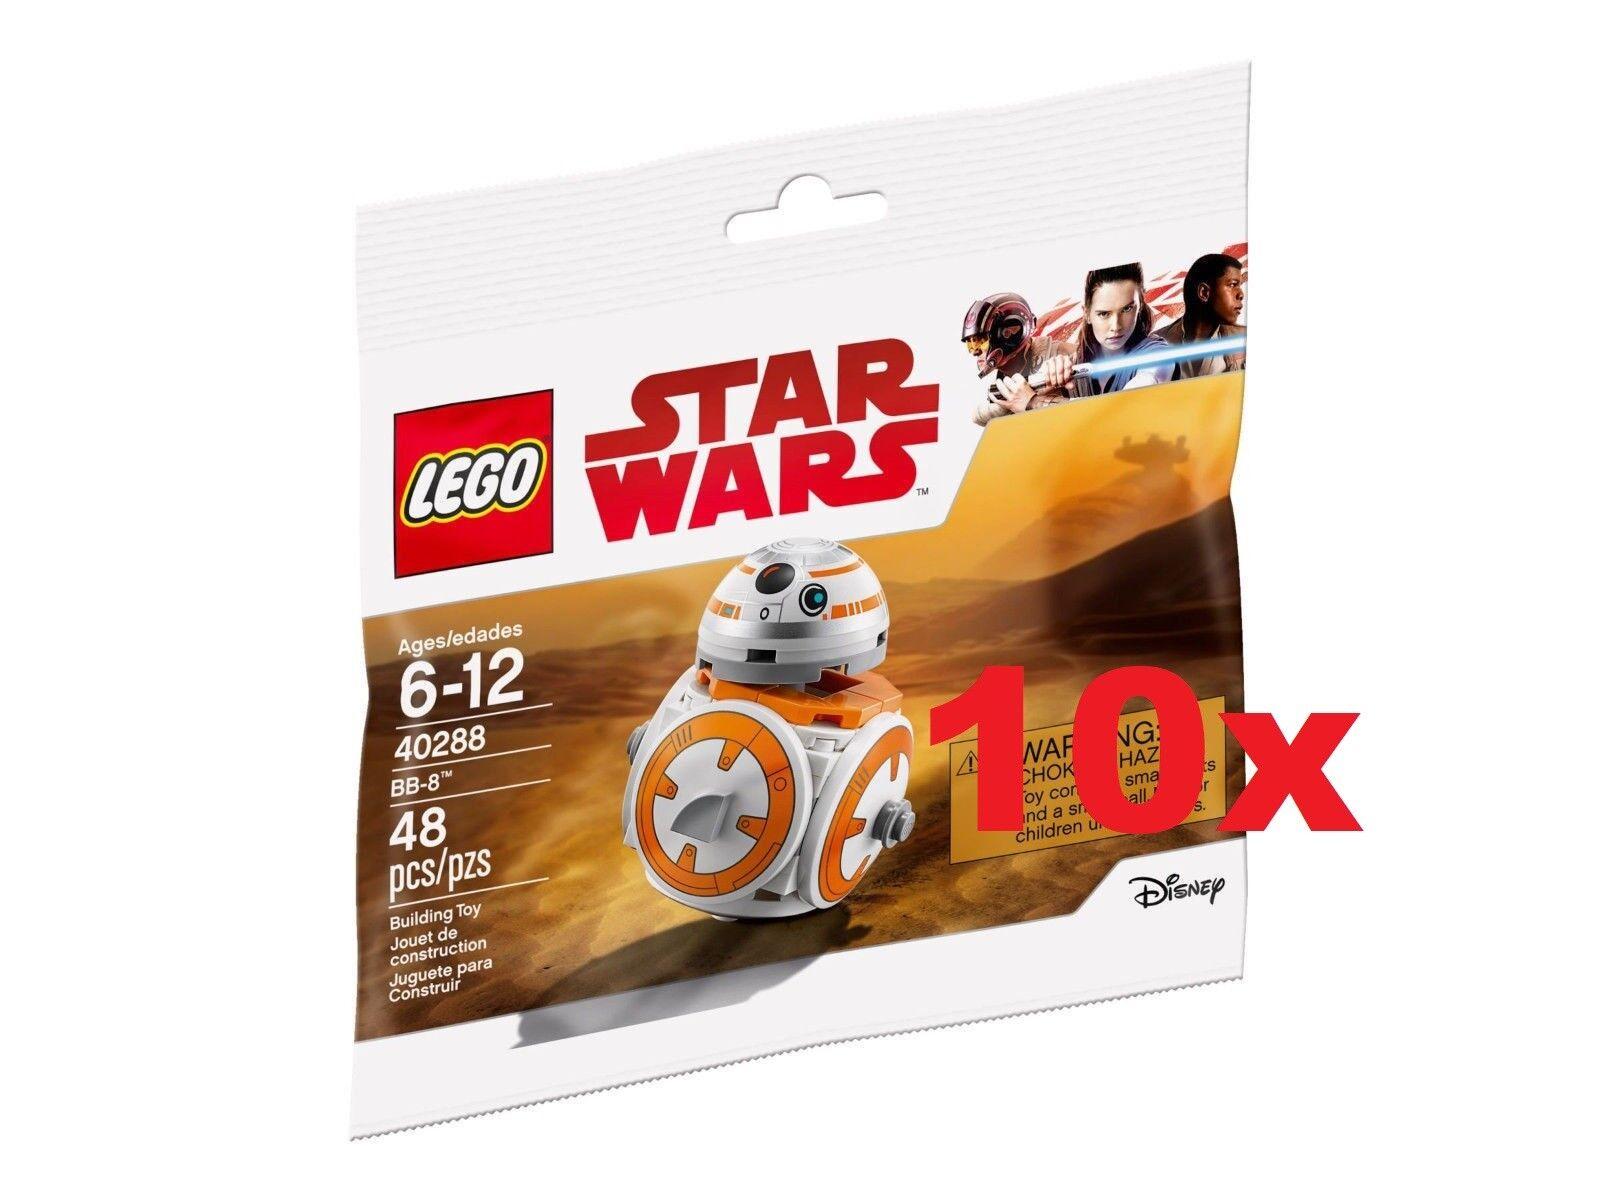 LEGO® 10x 40288  estrella guerras  POLYborsa  BB-8  - LIMITED     nuovo   FACTORY SEALED  grandi prezzi scontati